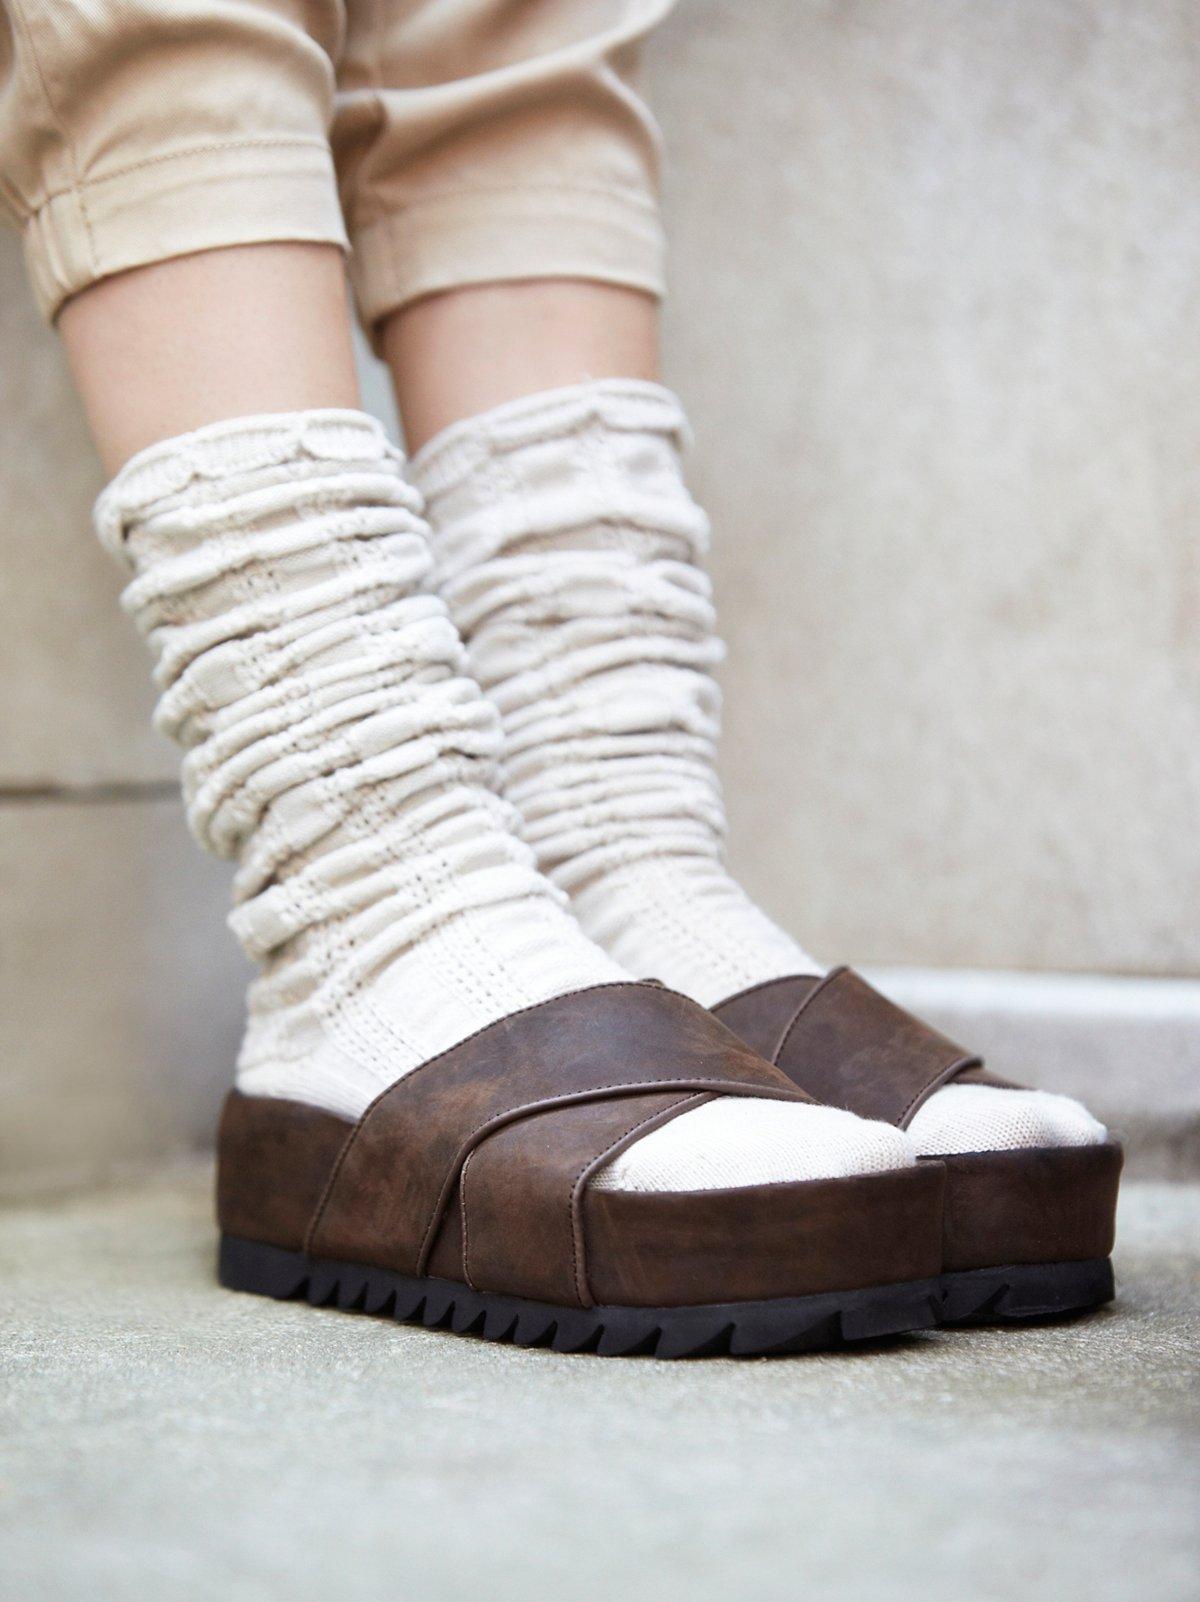 Menorca松糕懒人鞋